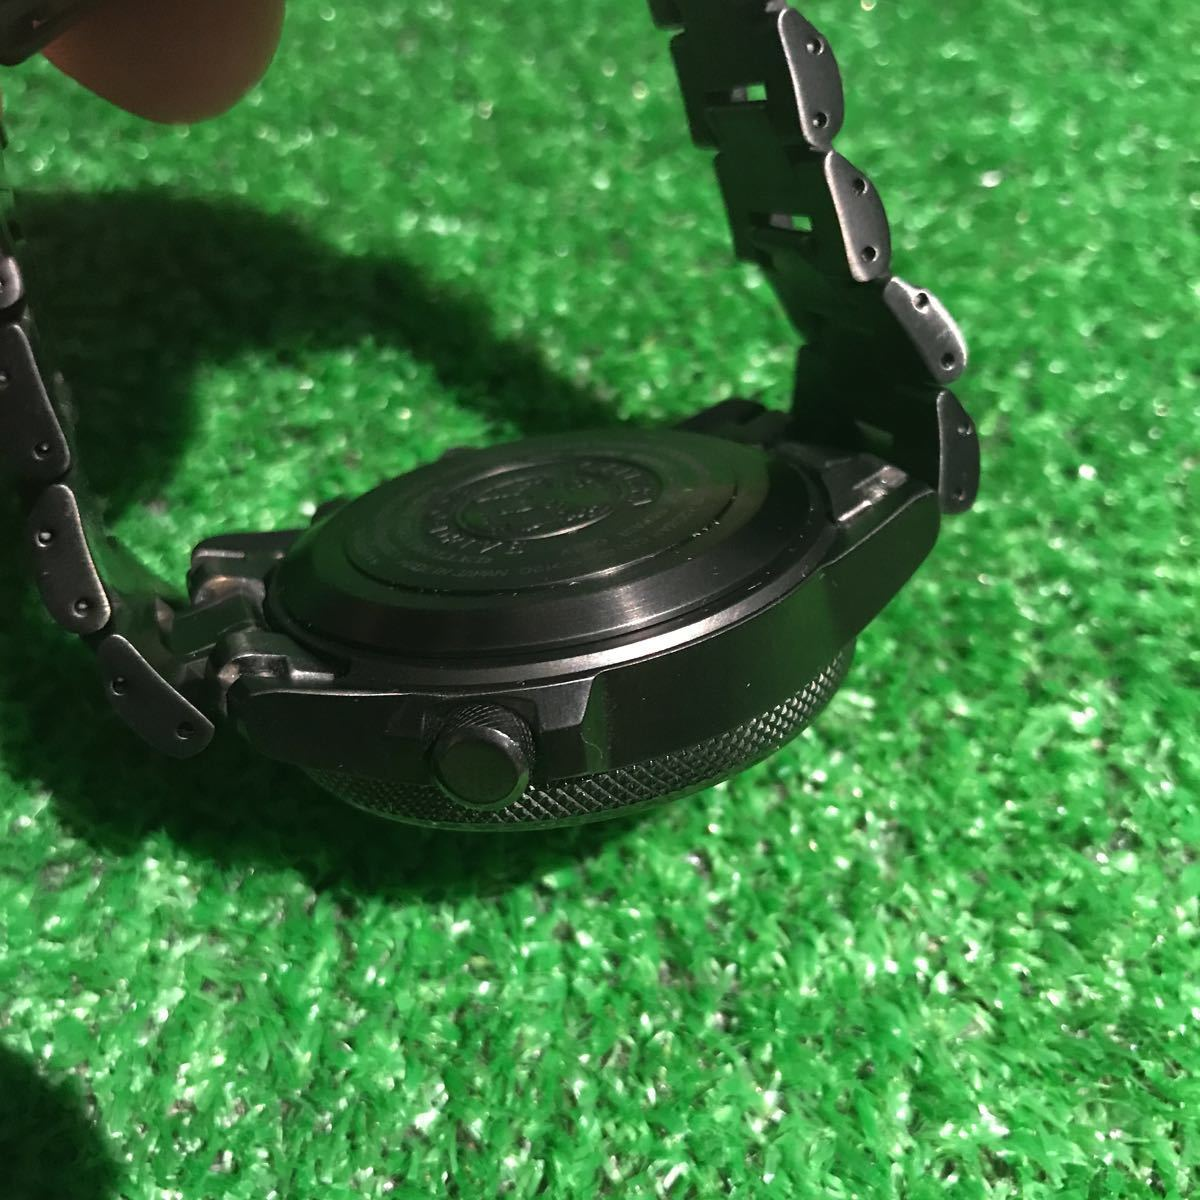 新品同様1円~ 試着程度 シチズン U680-T019692 プロマスター チタン ソーラー 電波時計 アナデジ メンズ腕時計 60サイズ (62)_画像4